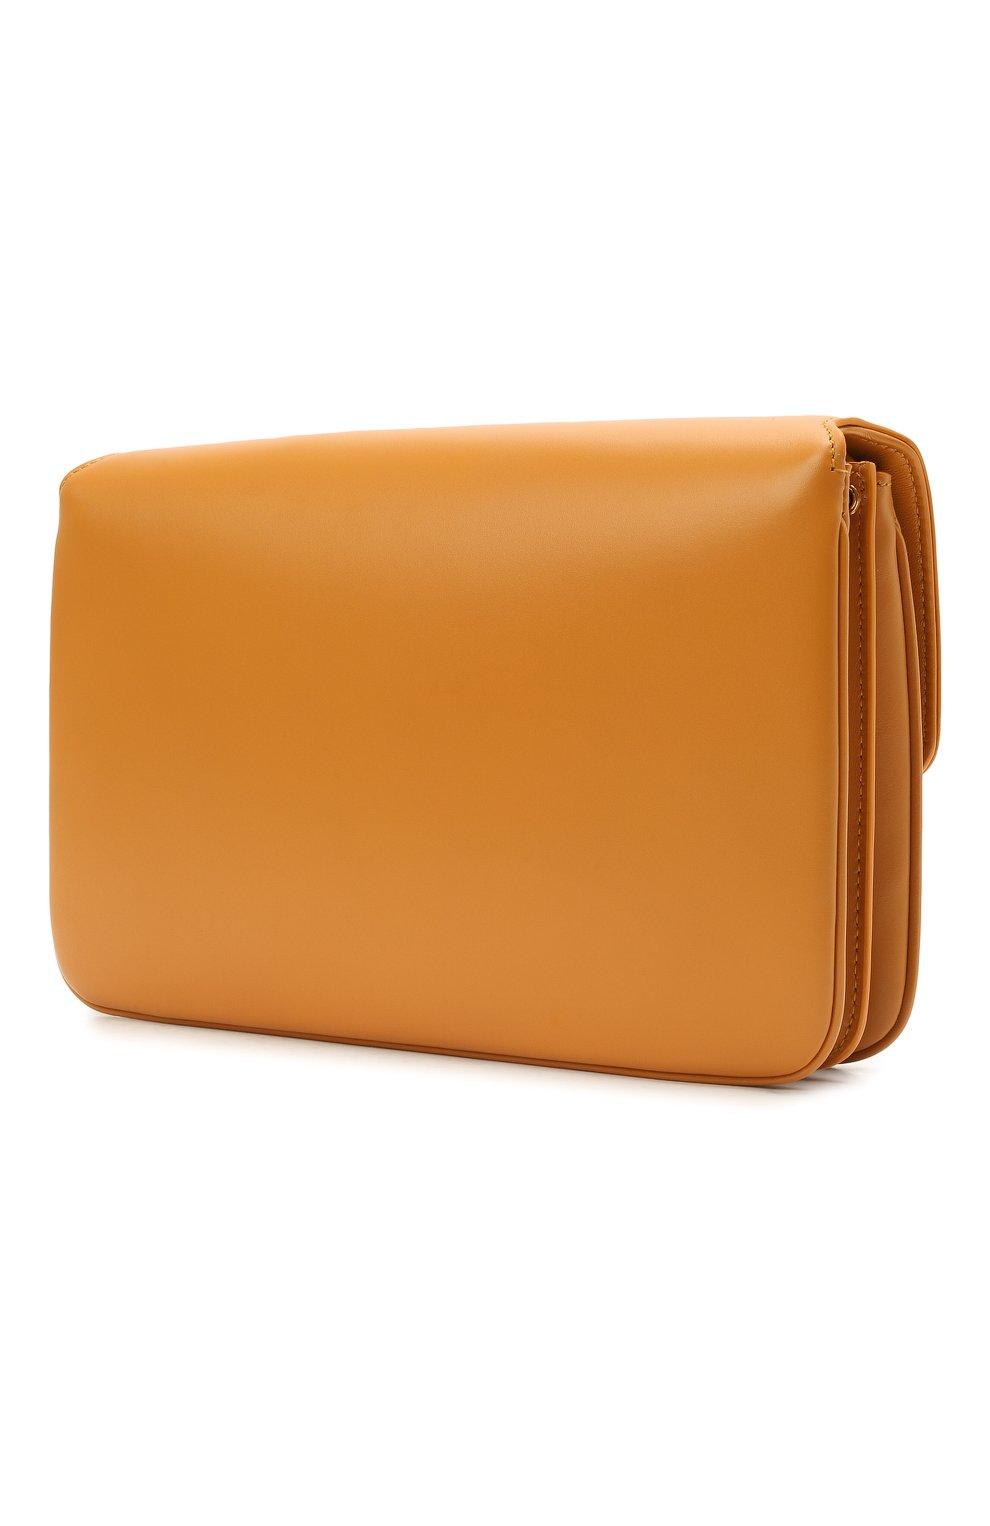 Женская сумка maillon SAINT LAURENT желтого цвета, арт. 649795/2R20W | Фото 3 (Сумки-технические: Сумки через плечо; Материал: Натуральная кожа; Ремень/цепочка: На ремешке; Размер: small)